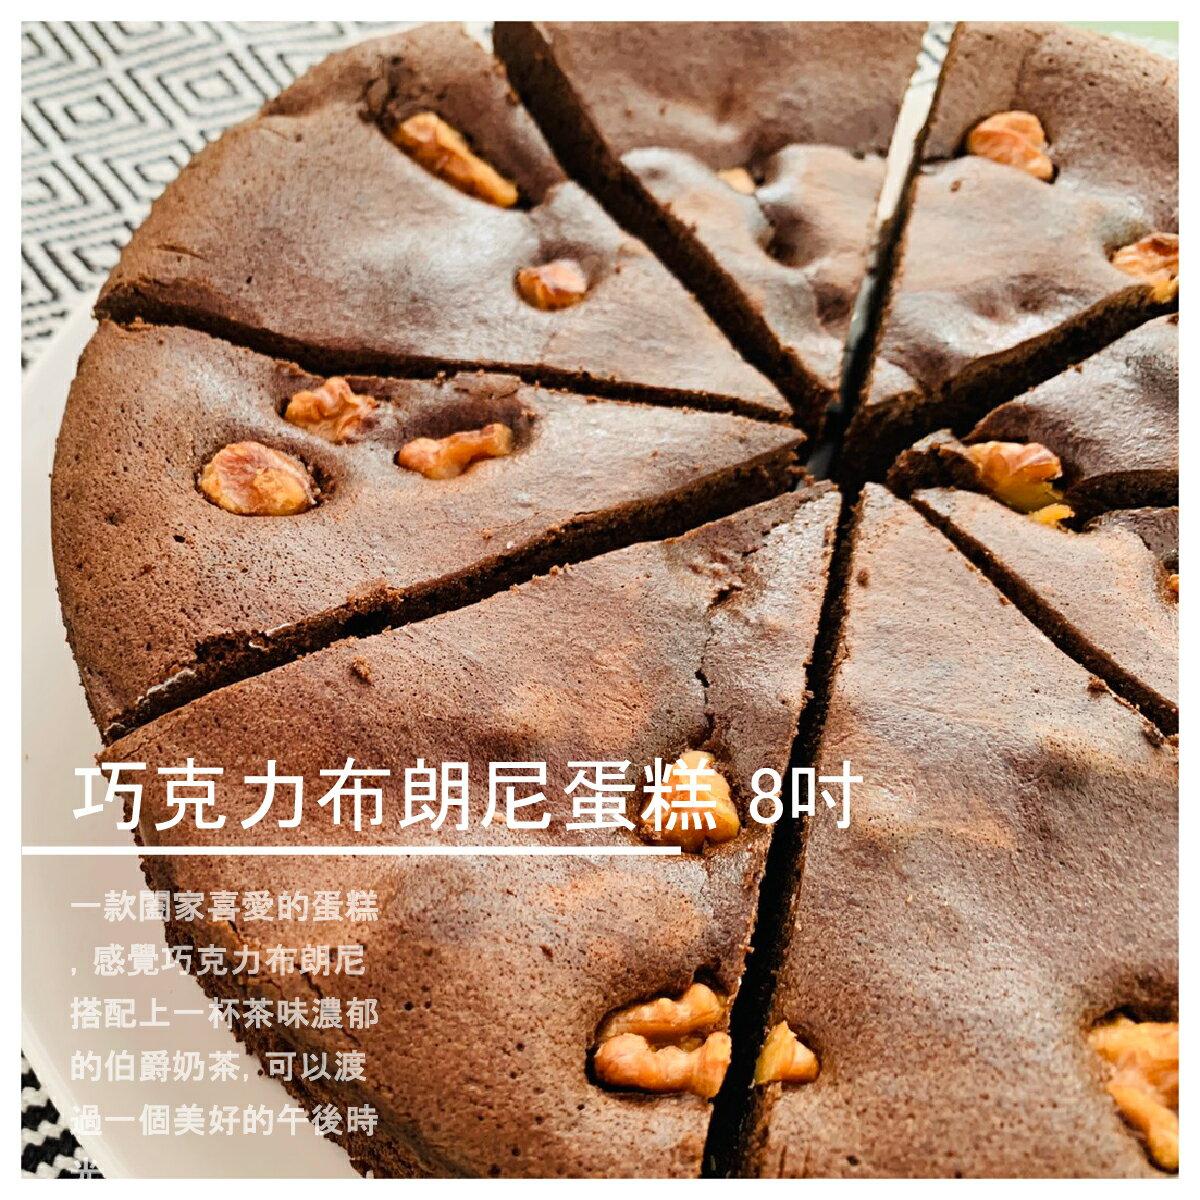 【迷乳酪烘焙屋】巧克力布朗尼蛋糕 8吋